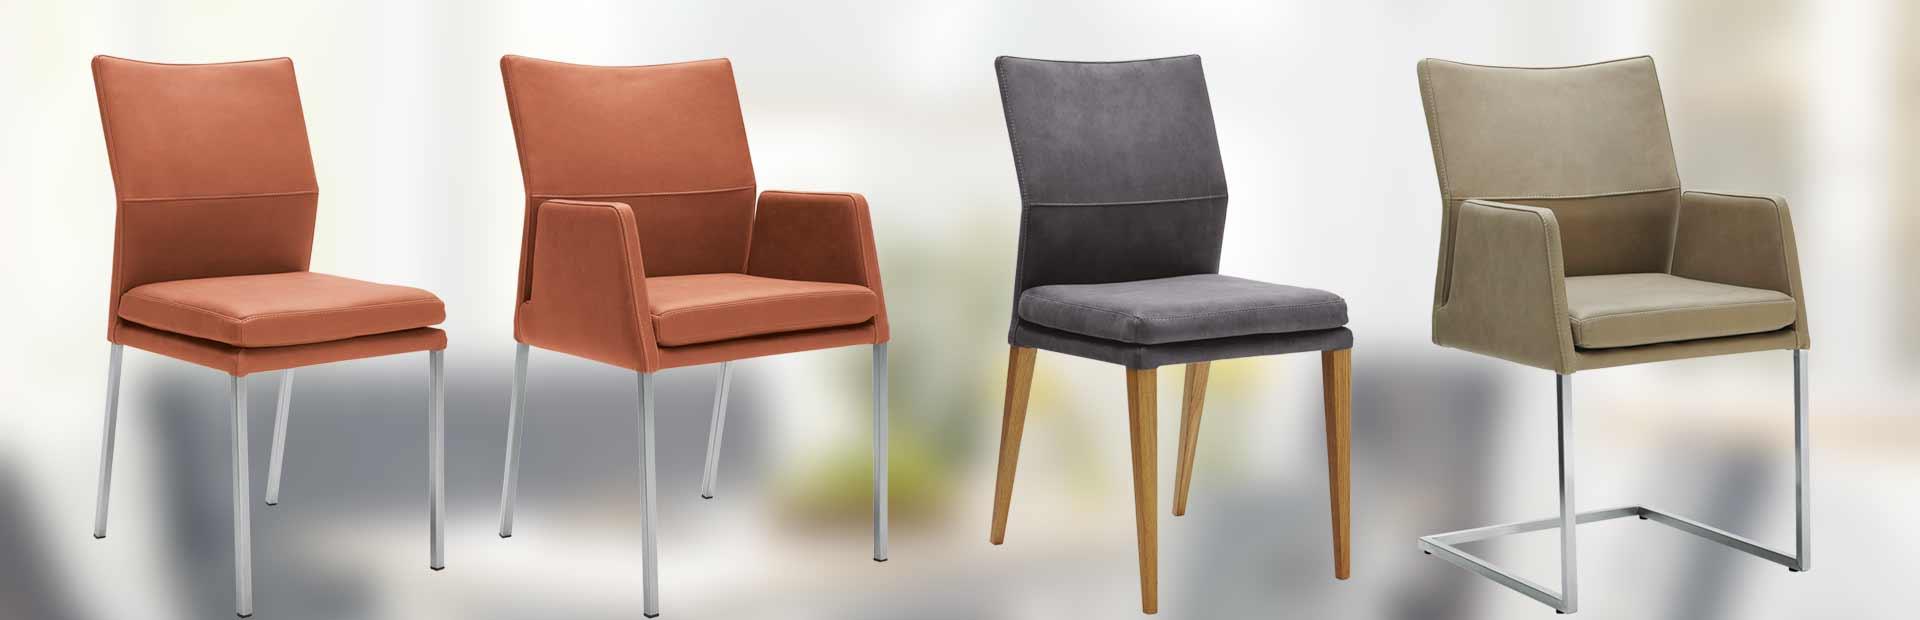 natura stuhlauswahl von natura einrichten in. Black Bedroom Furniture Sets. Home Design Ideas